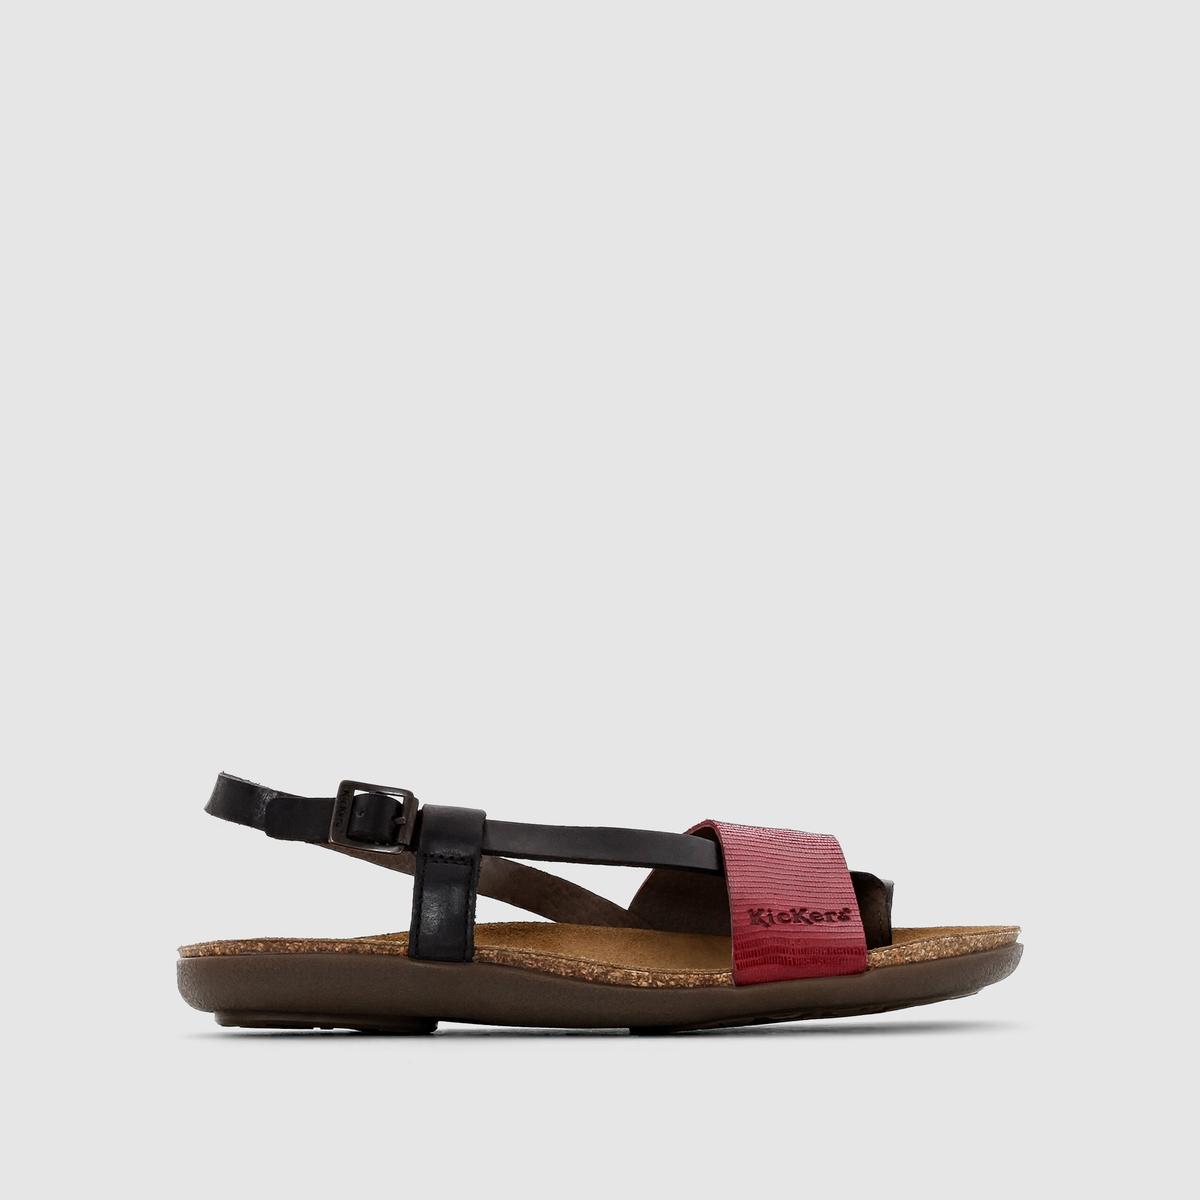 Сандалии кожаные на плоской подошве Alchimy сандалии velvet сандалии на обычной подошве